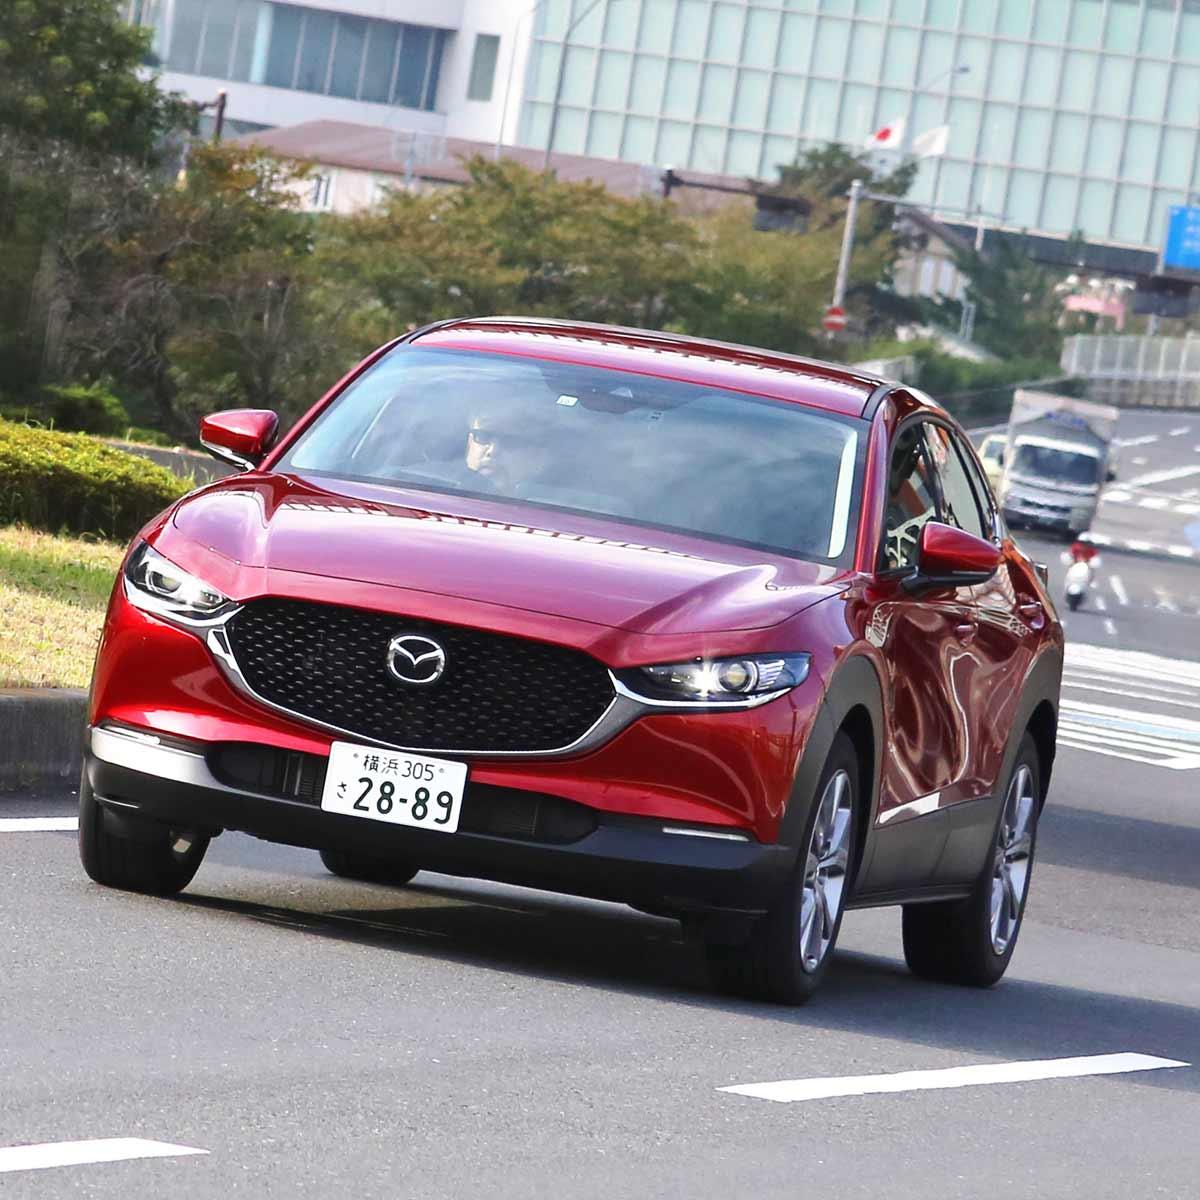 マツダ 新型「CX-30」ガソリンとディーゼルに試乗!抜群の静粛性と乗り心地のよさが魅力